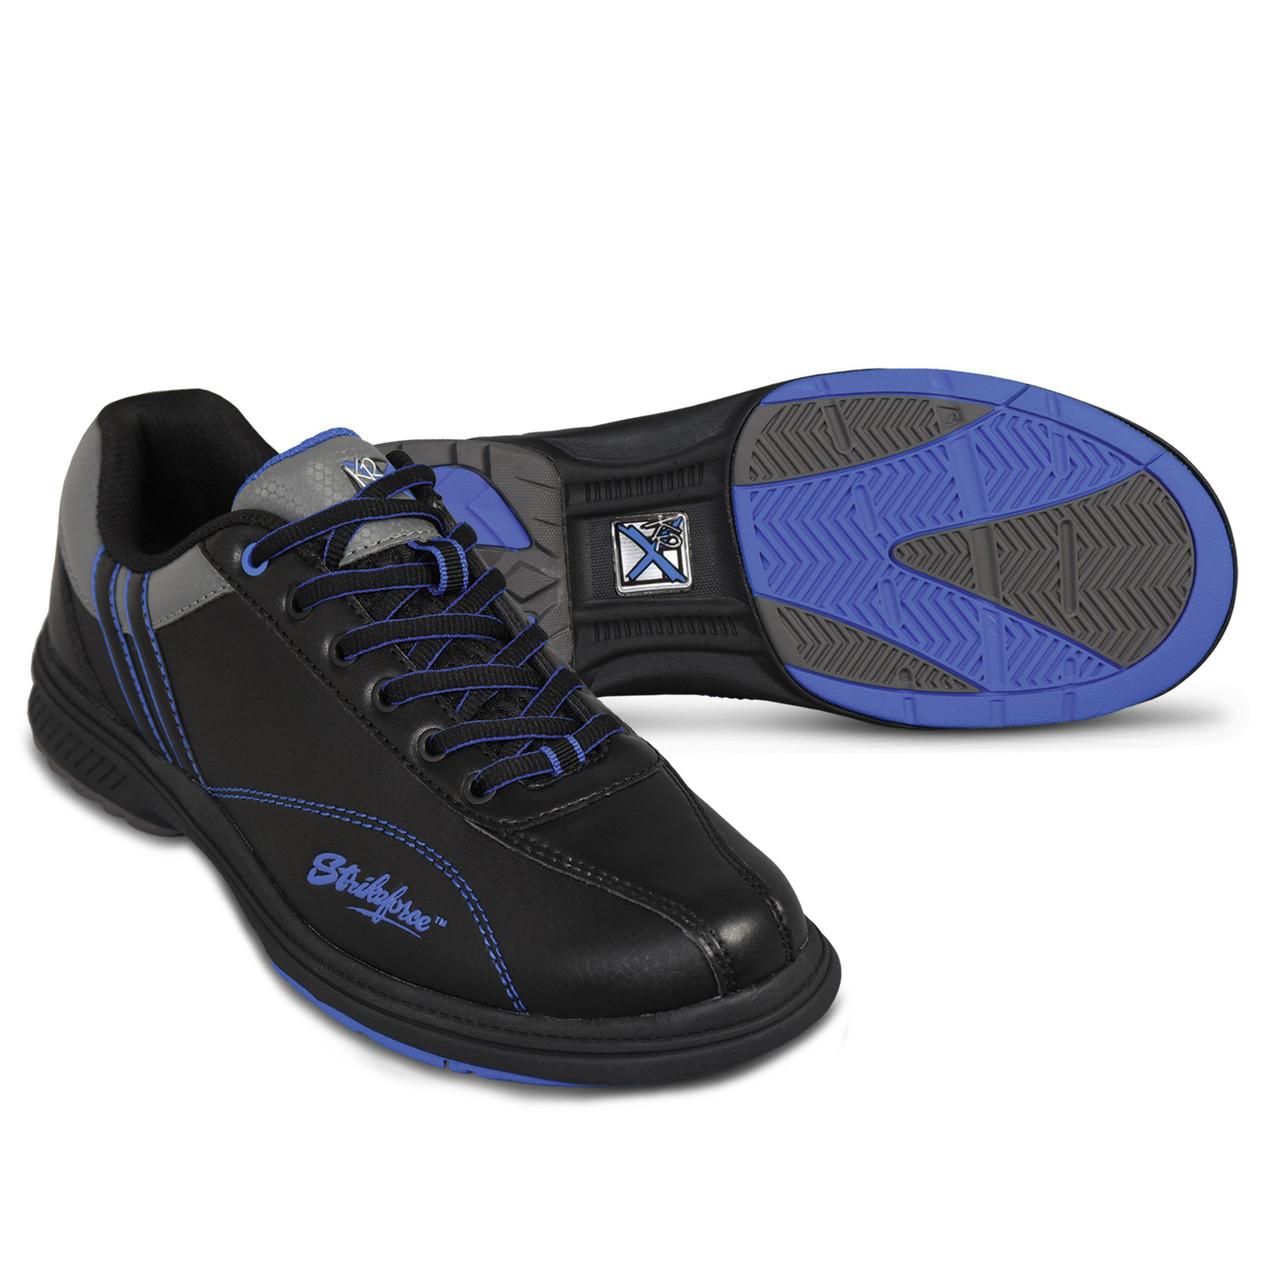 1fb0a78dda KR Strikeforce Mens Raptor Bowling Shoes Black/Royal Left Handed